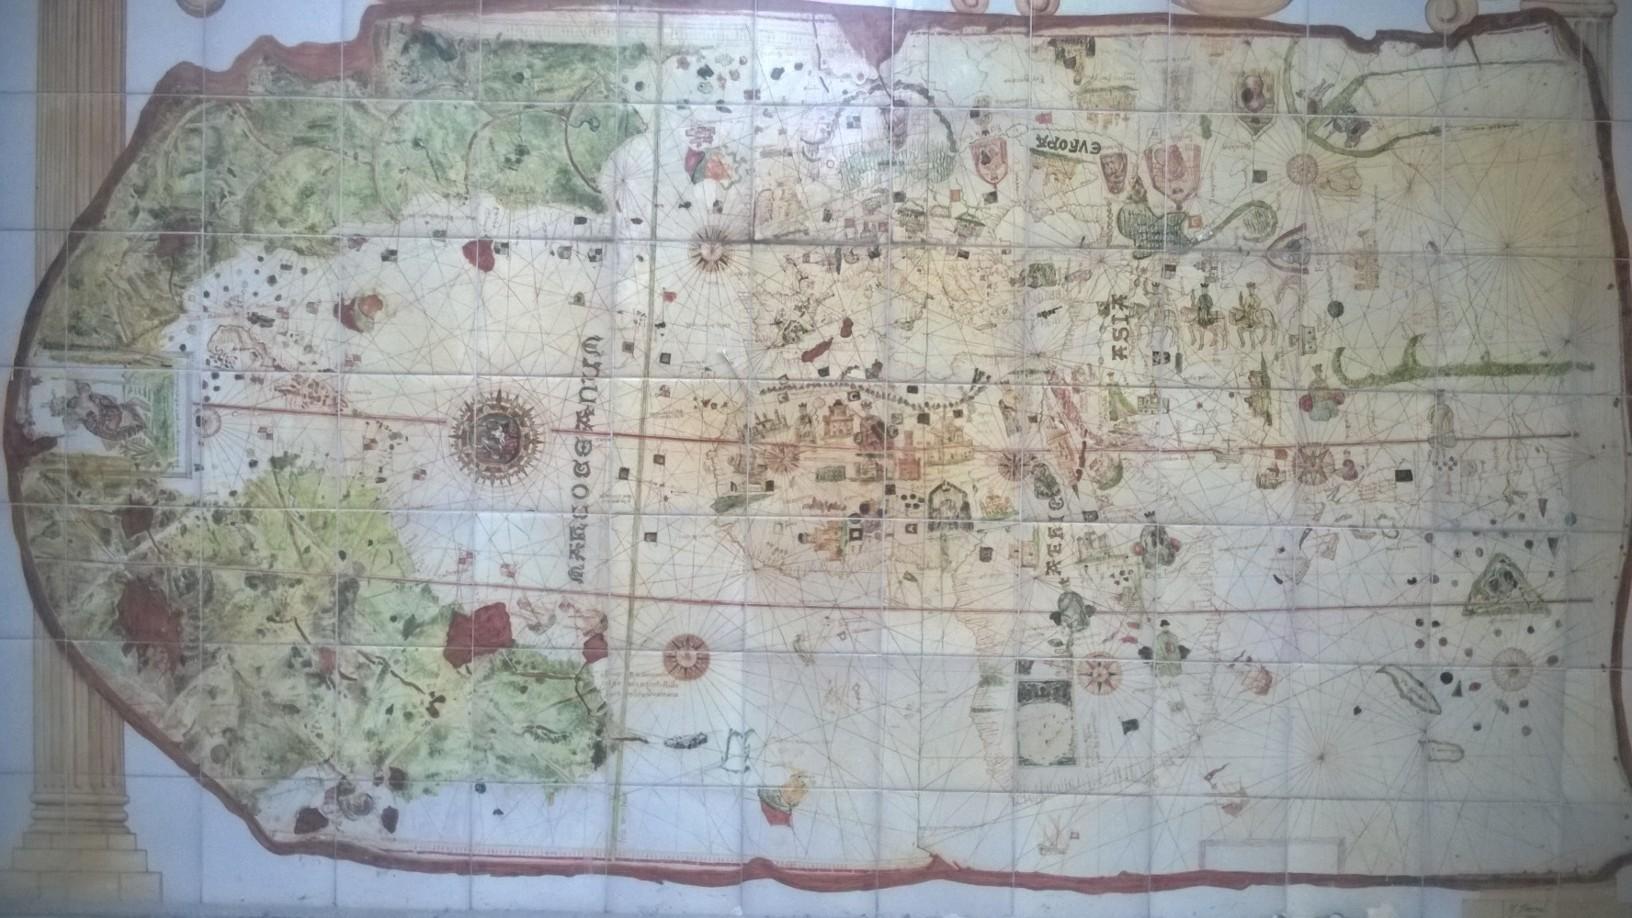 Primer mapa cartográfico que incluía América, por Juan de la Cosa